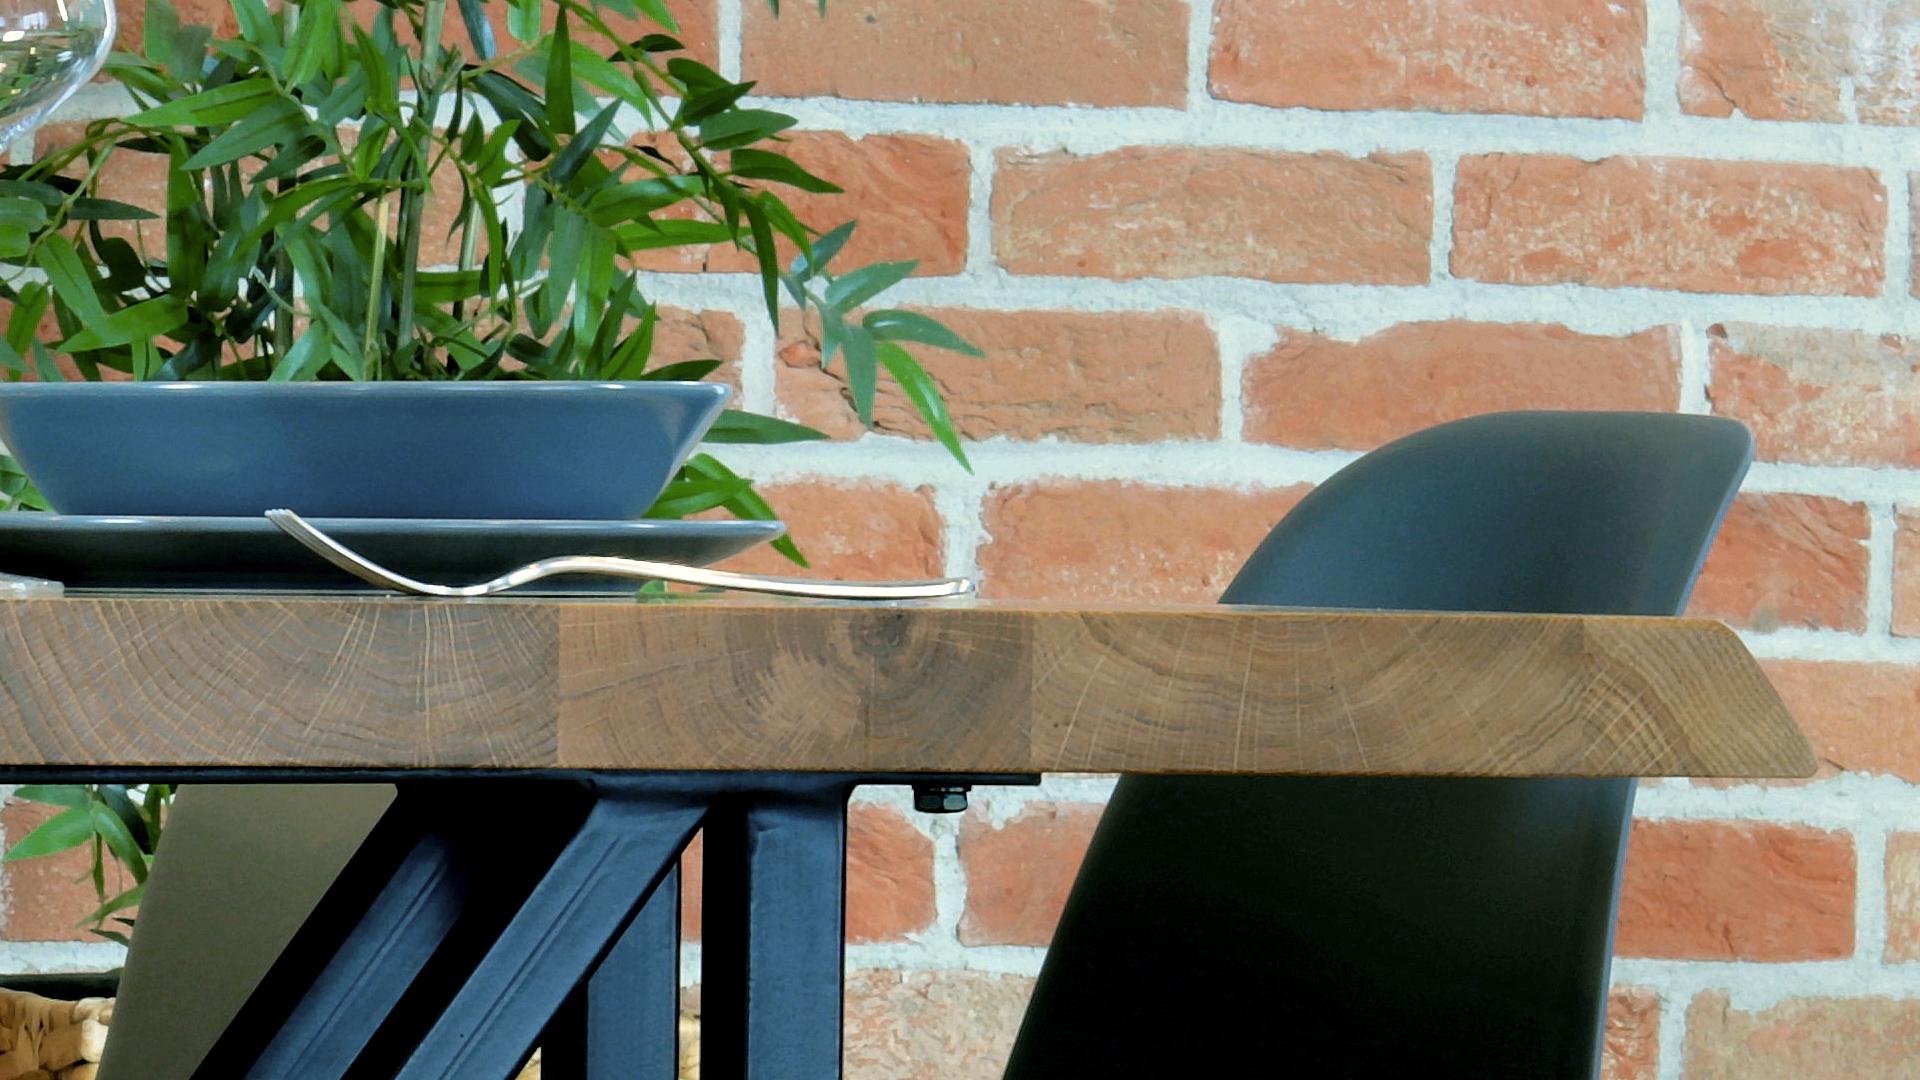 Loftowy stół z dębowym blatem